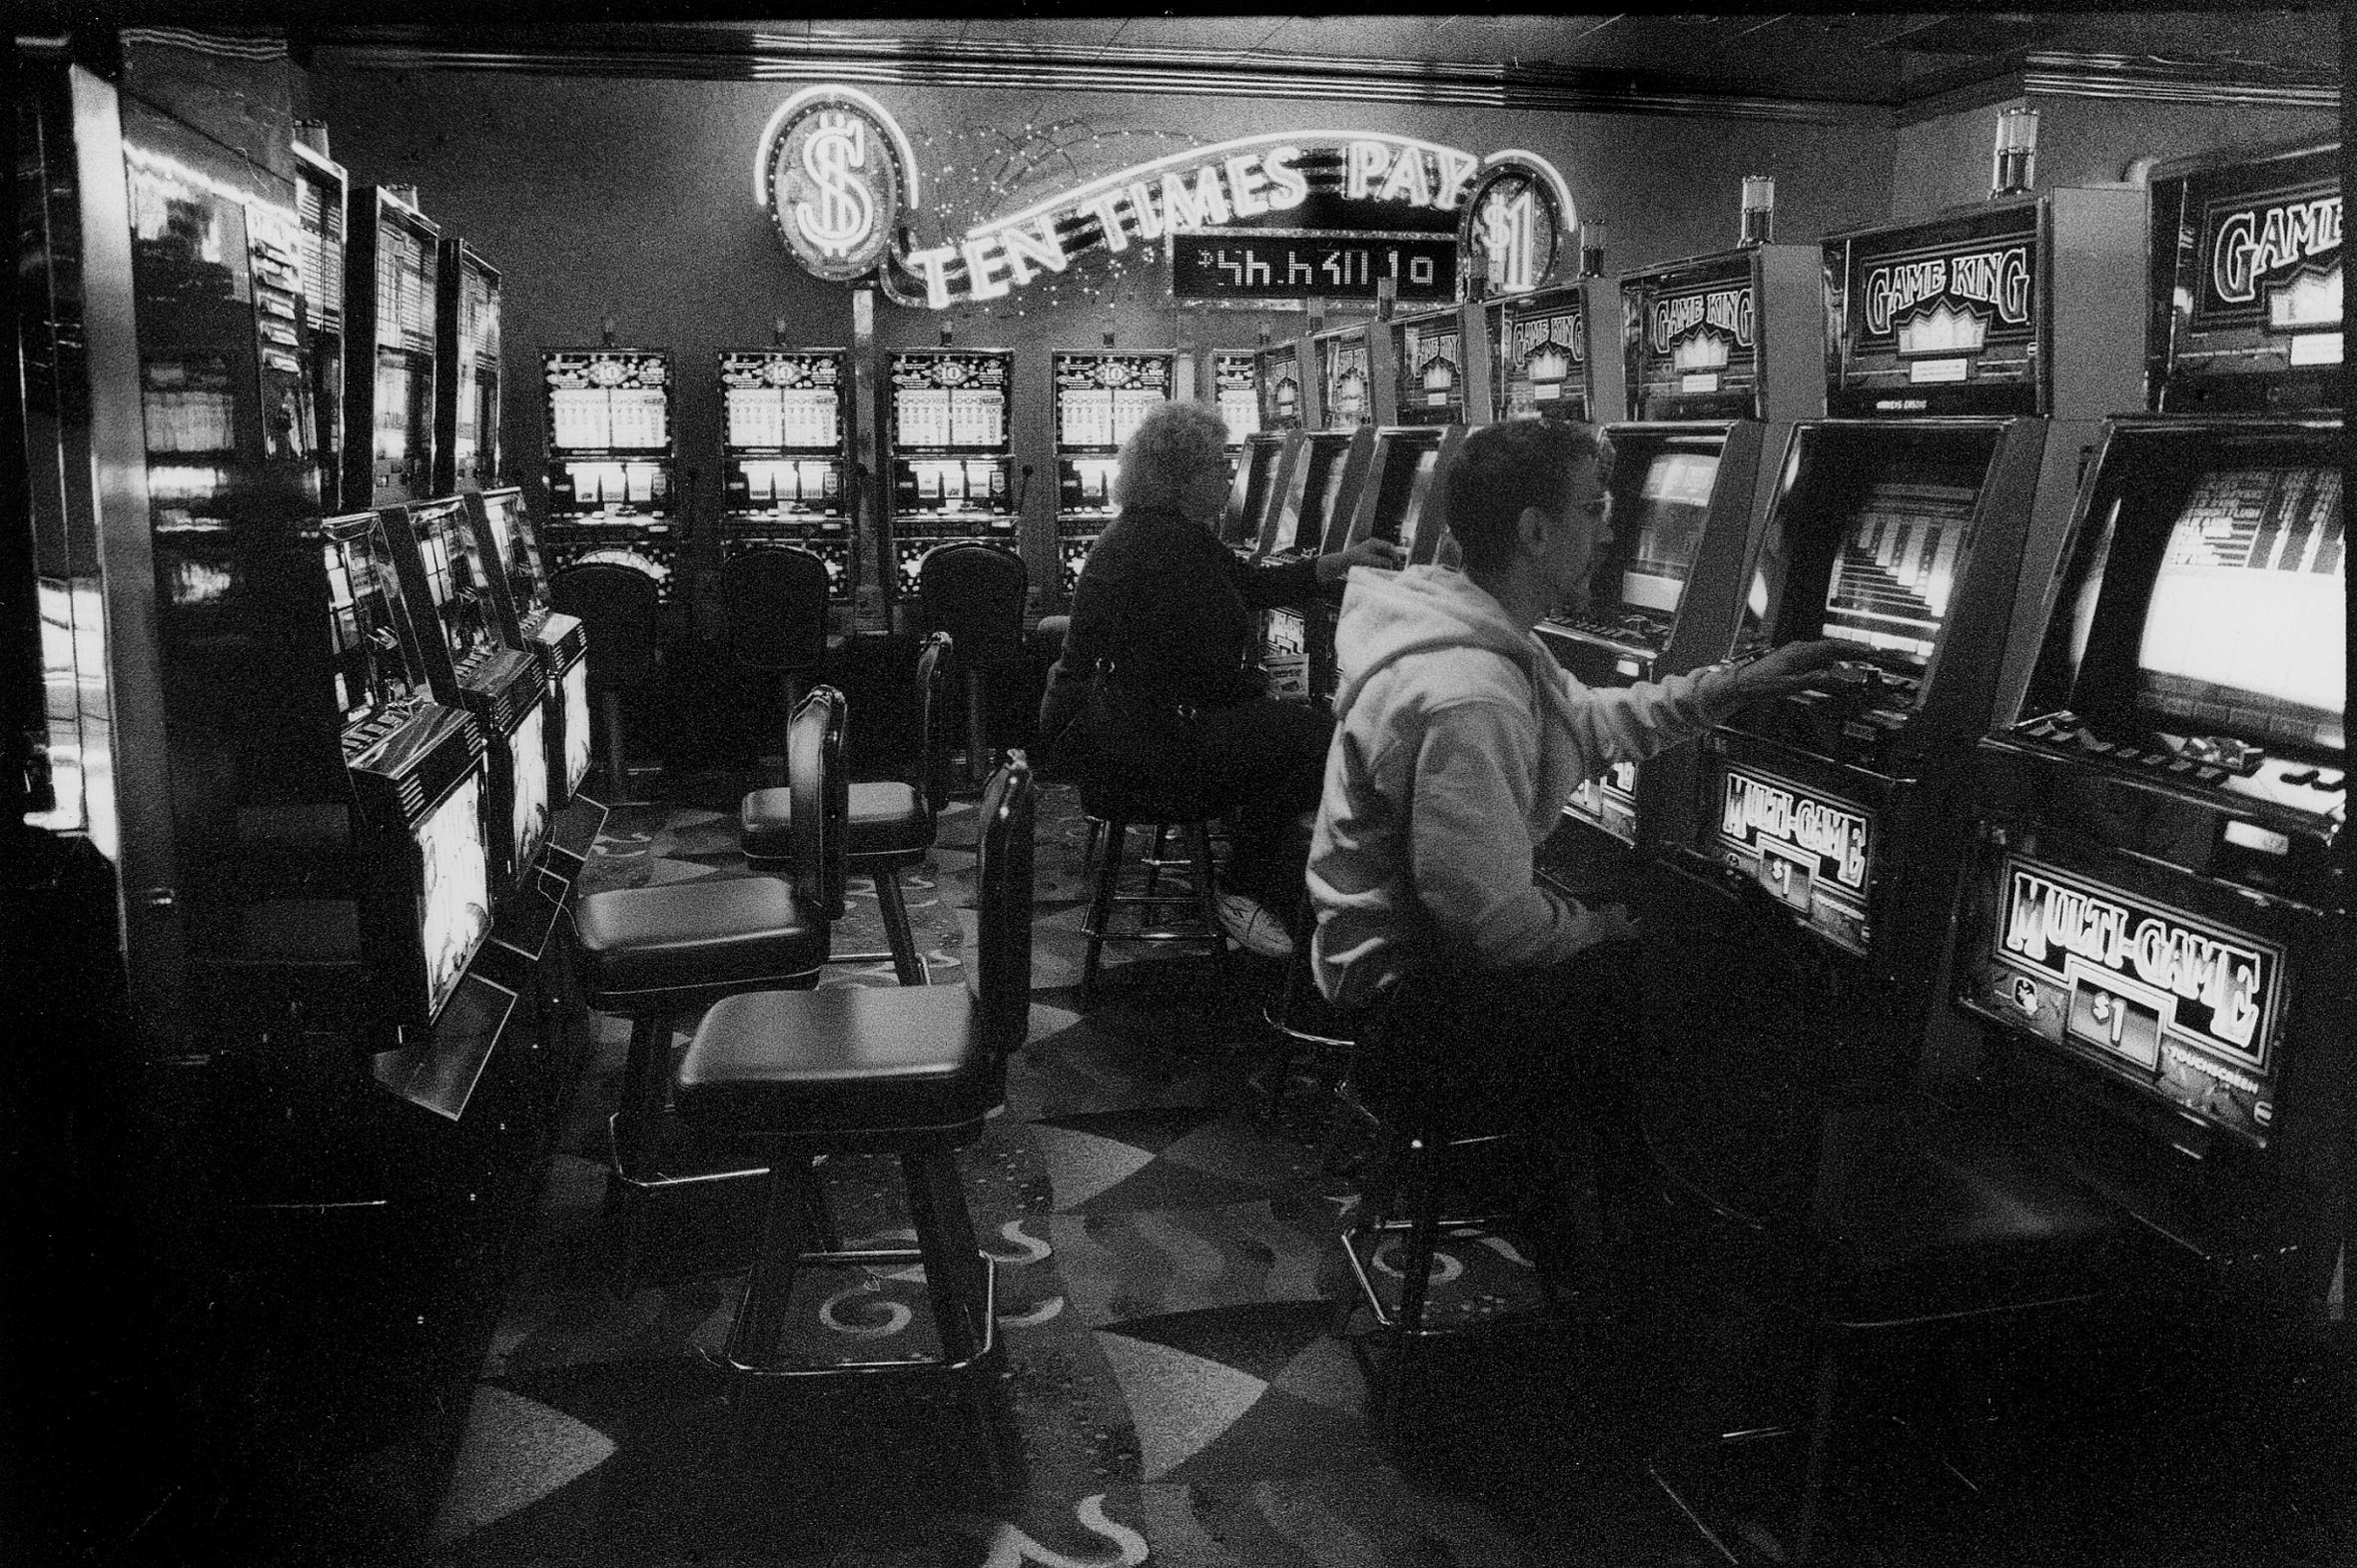 372 - de Swaan - Gambling